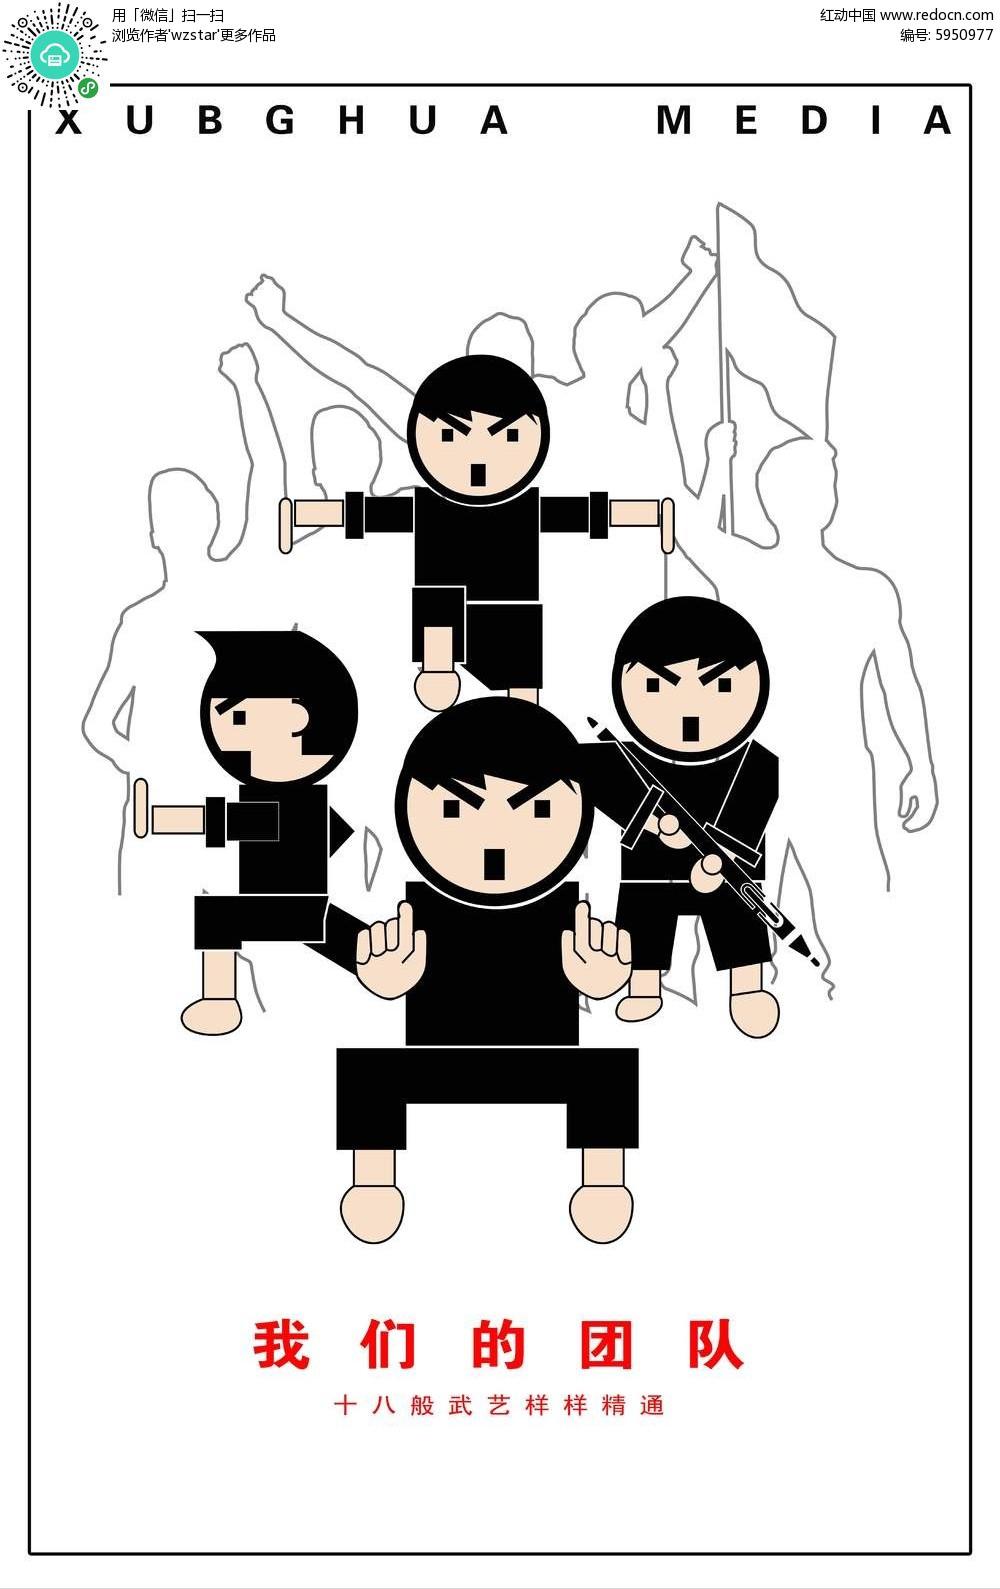 可爱卡通团队海报设计